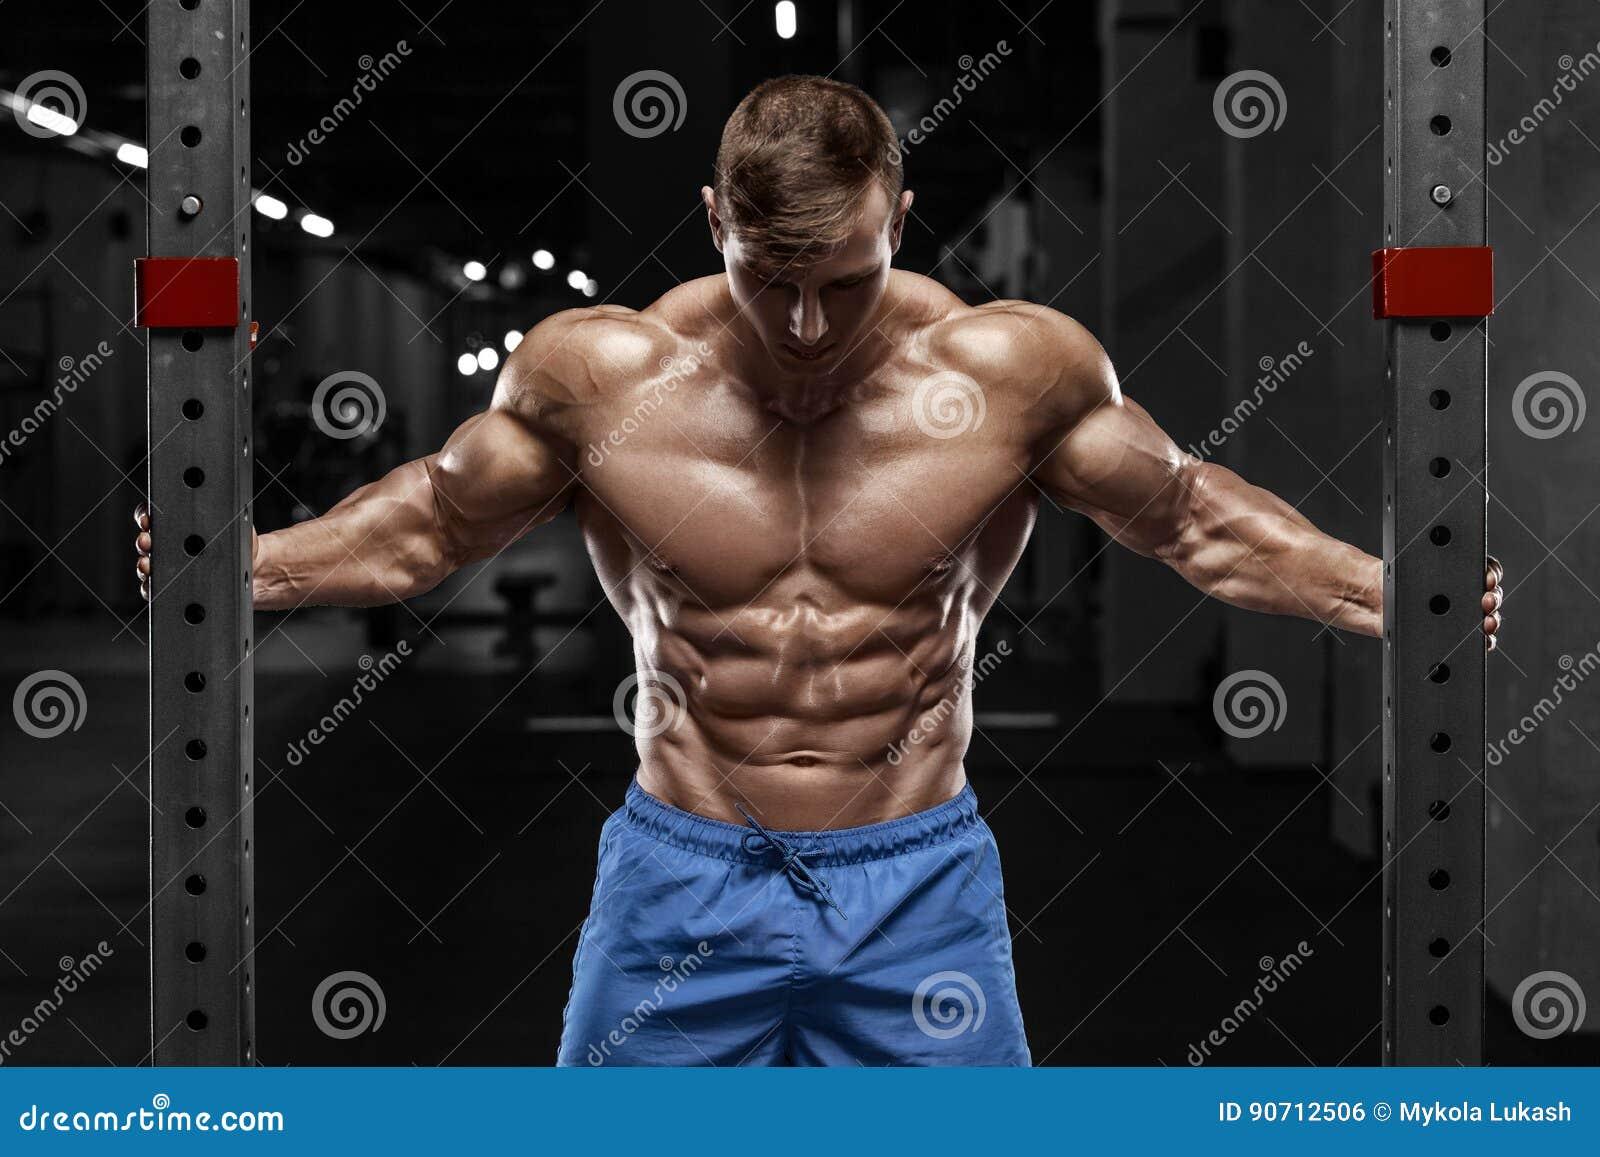 Sexy muskulöser Mann in der Turnhalle, geformtes Abdominal- Starke männliche nackte Torso-ABS, arbeitend aus